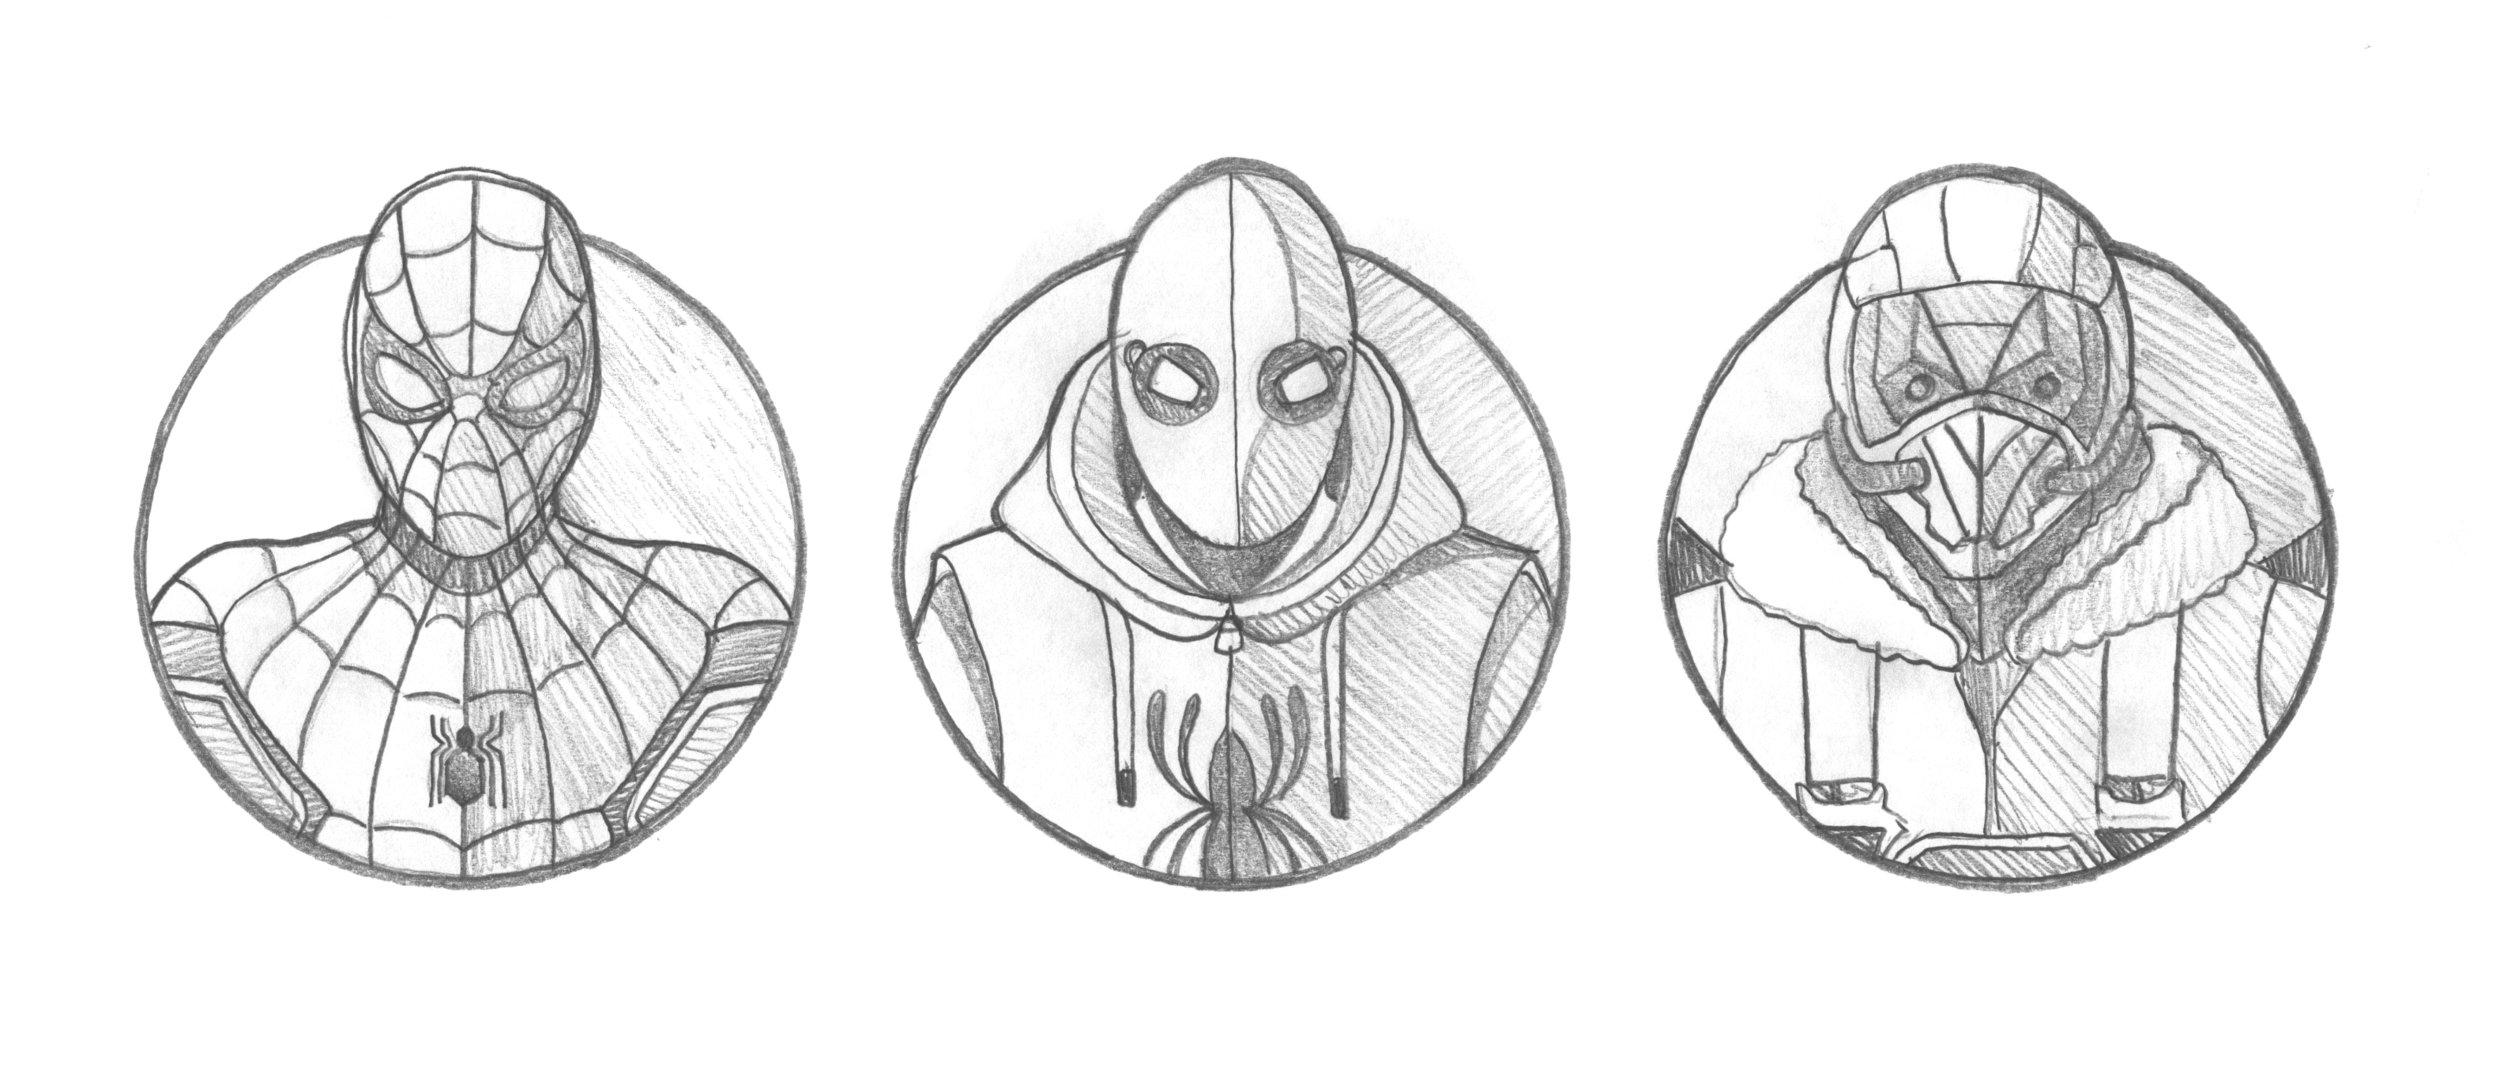 spiderman_pins_sketch.jpg